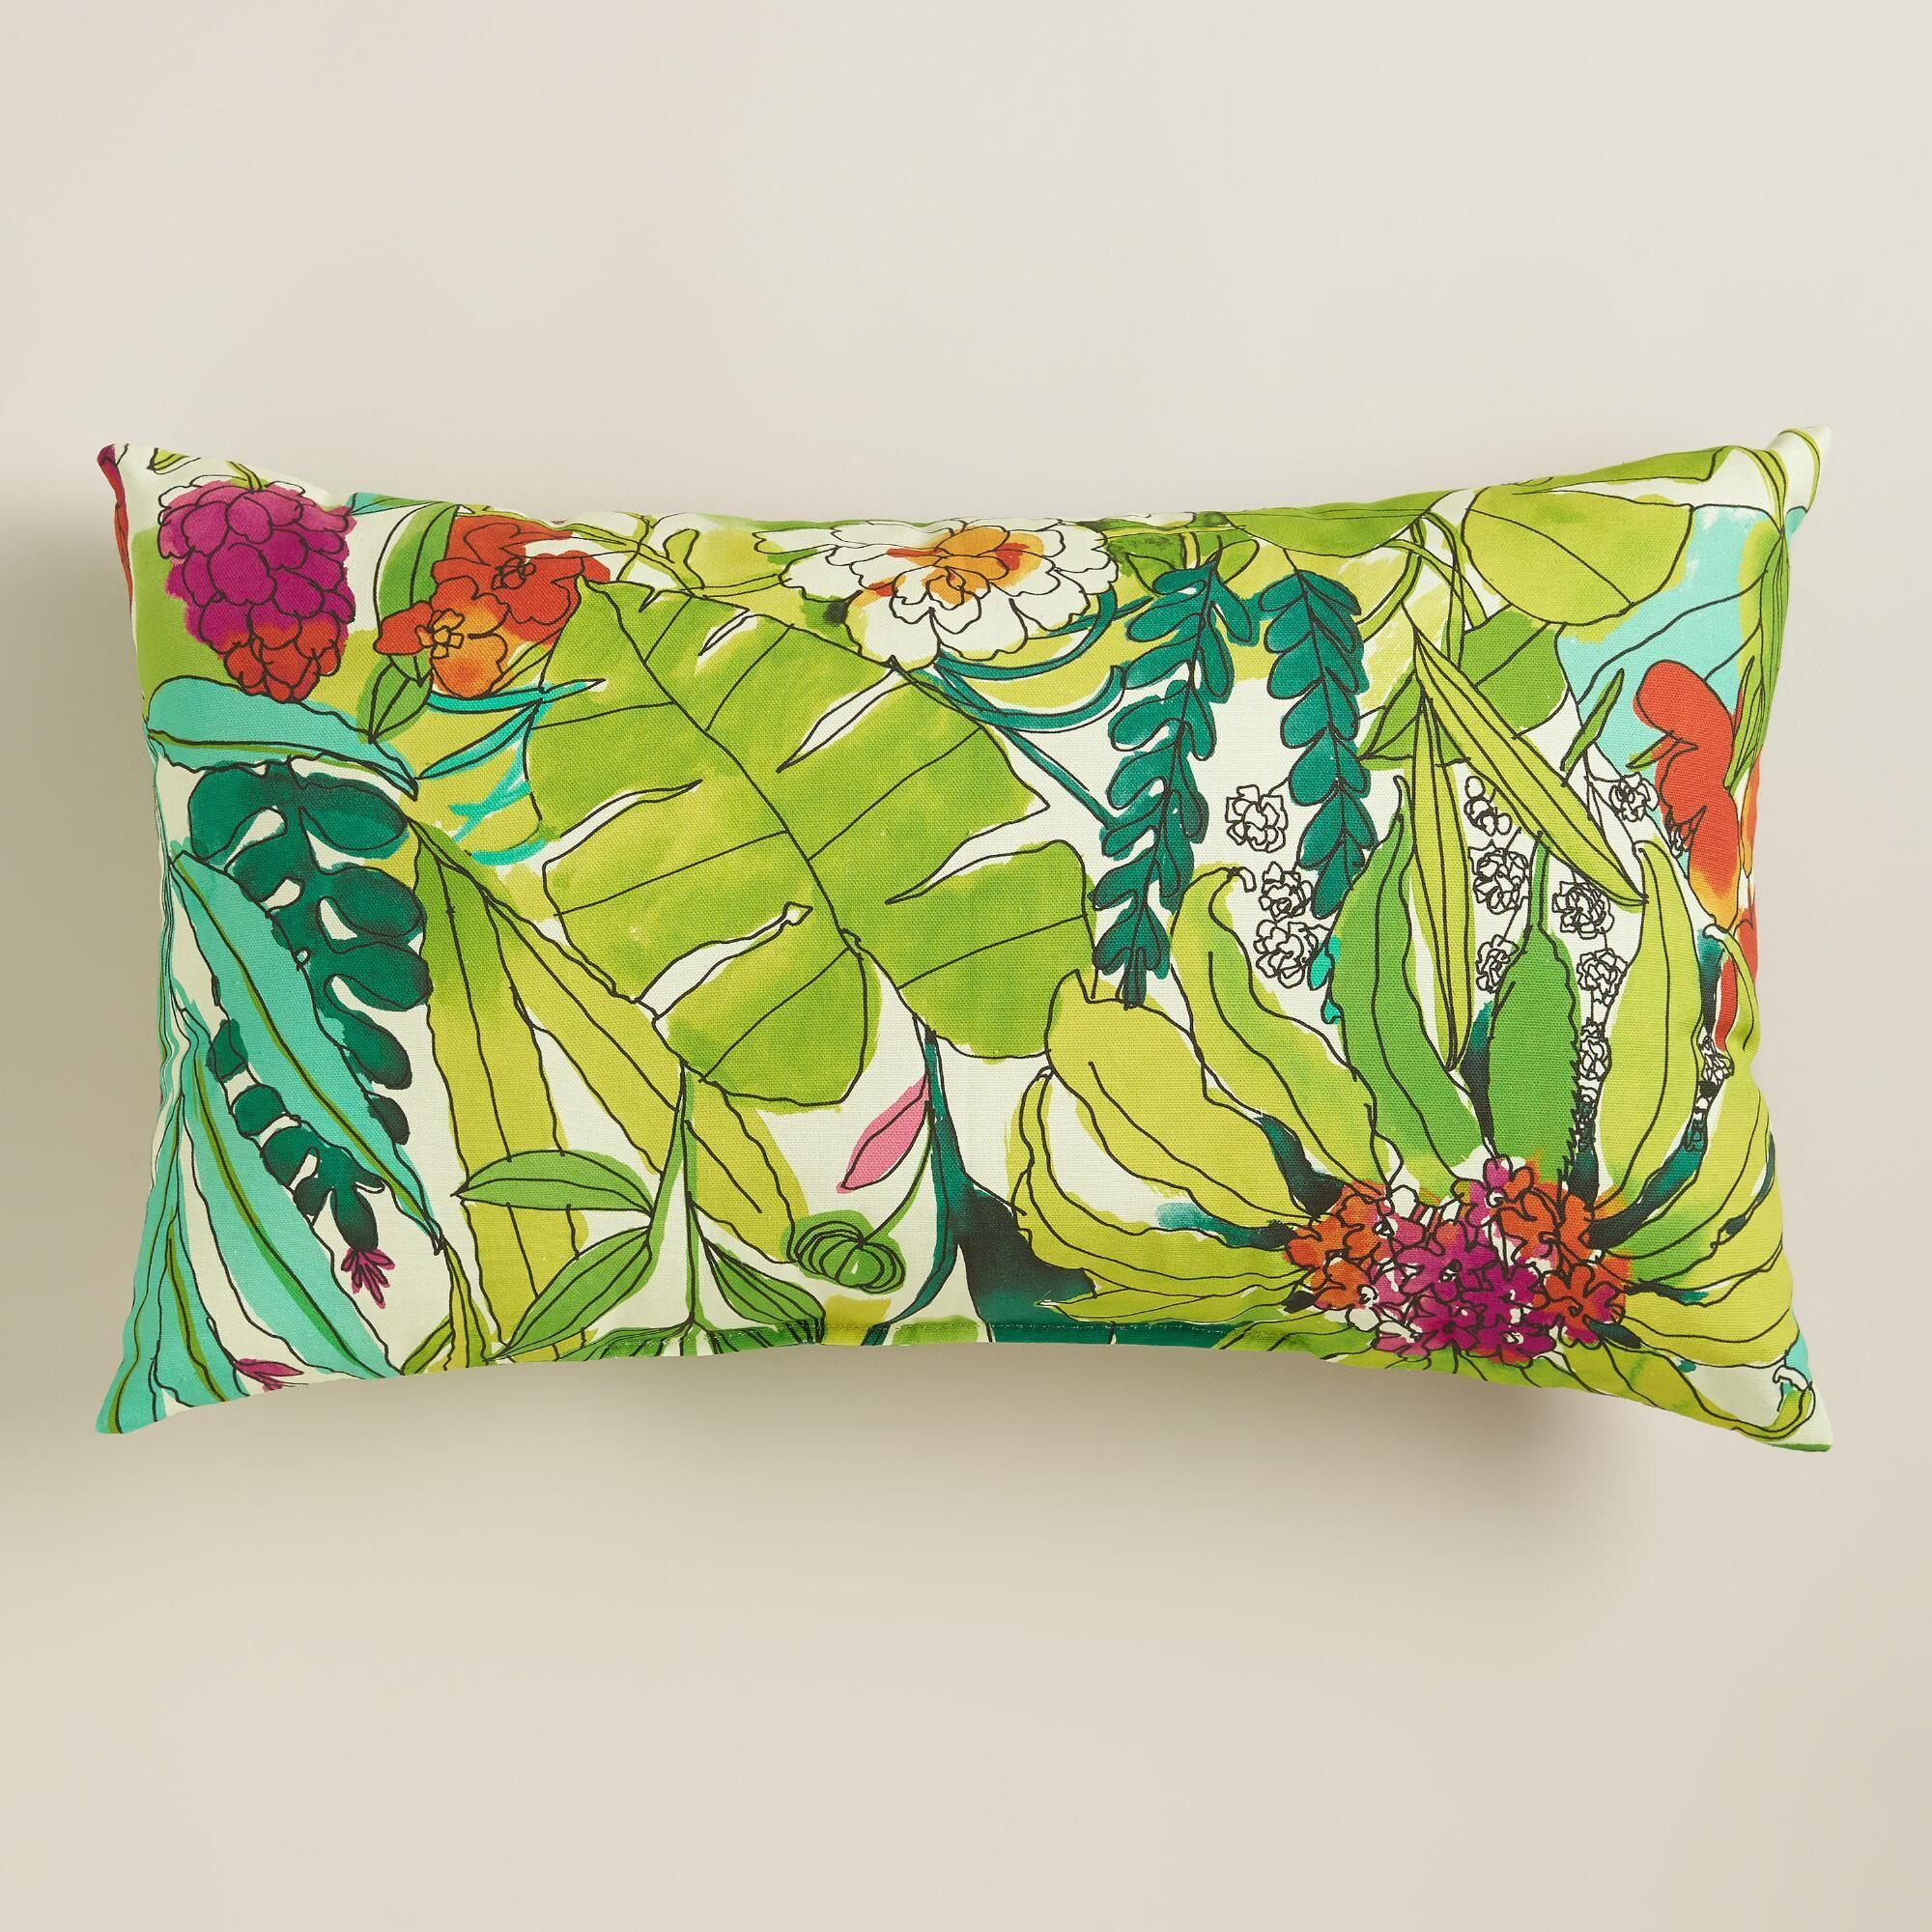 Fiji Foliage Outdoor Lumbar Pillow | Fiji, Pillows and Window